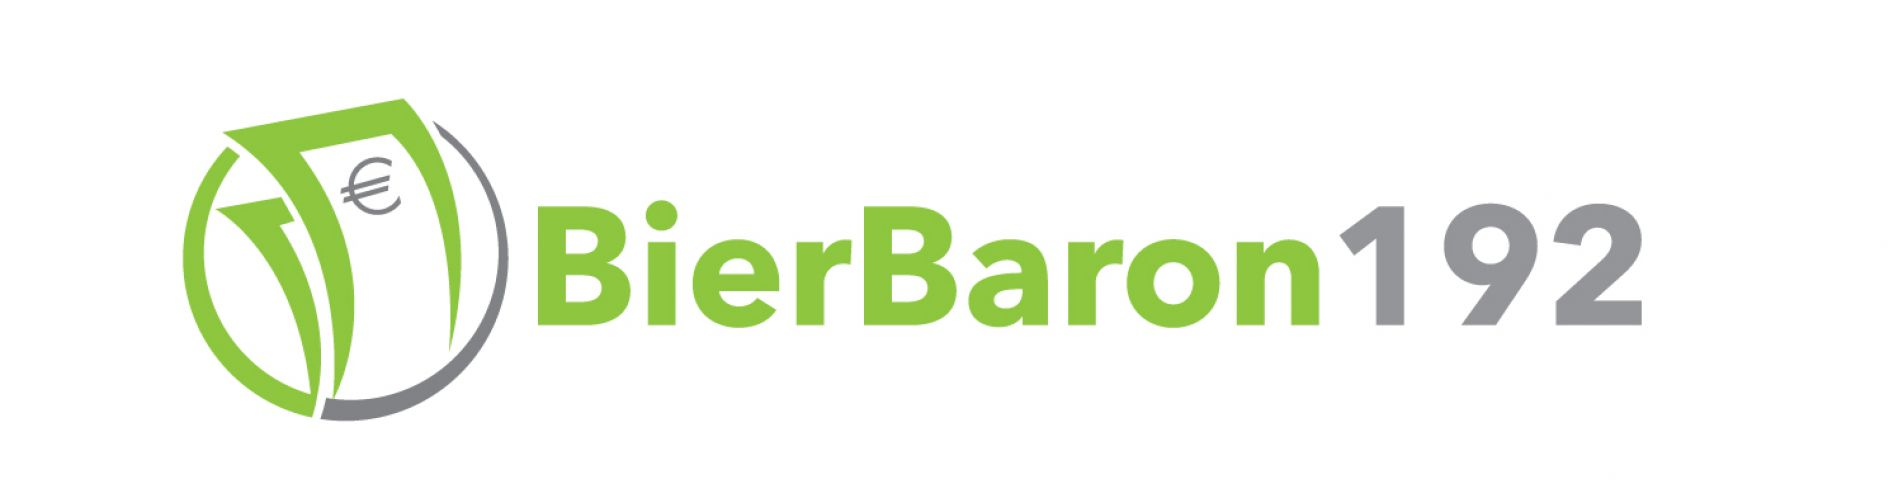 BierBaron192